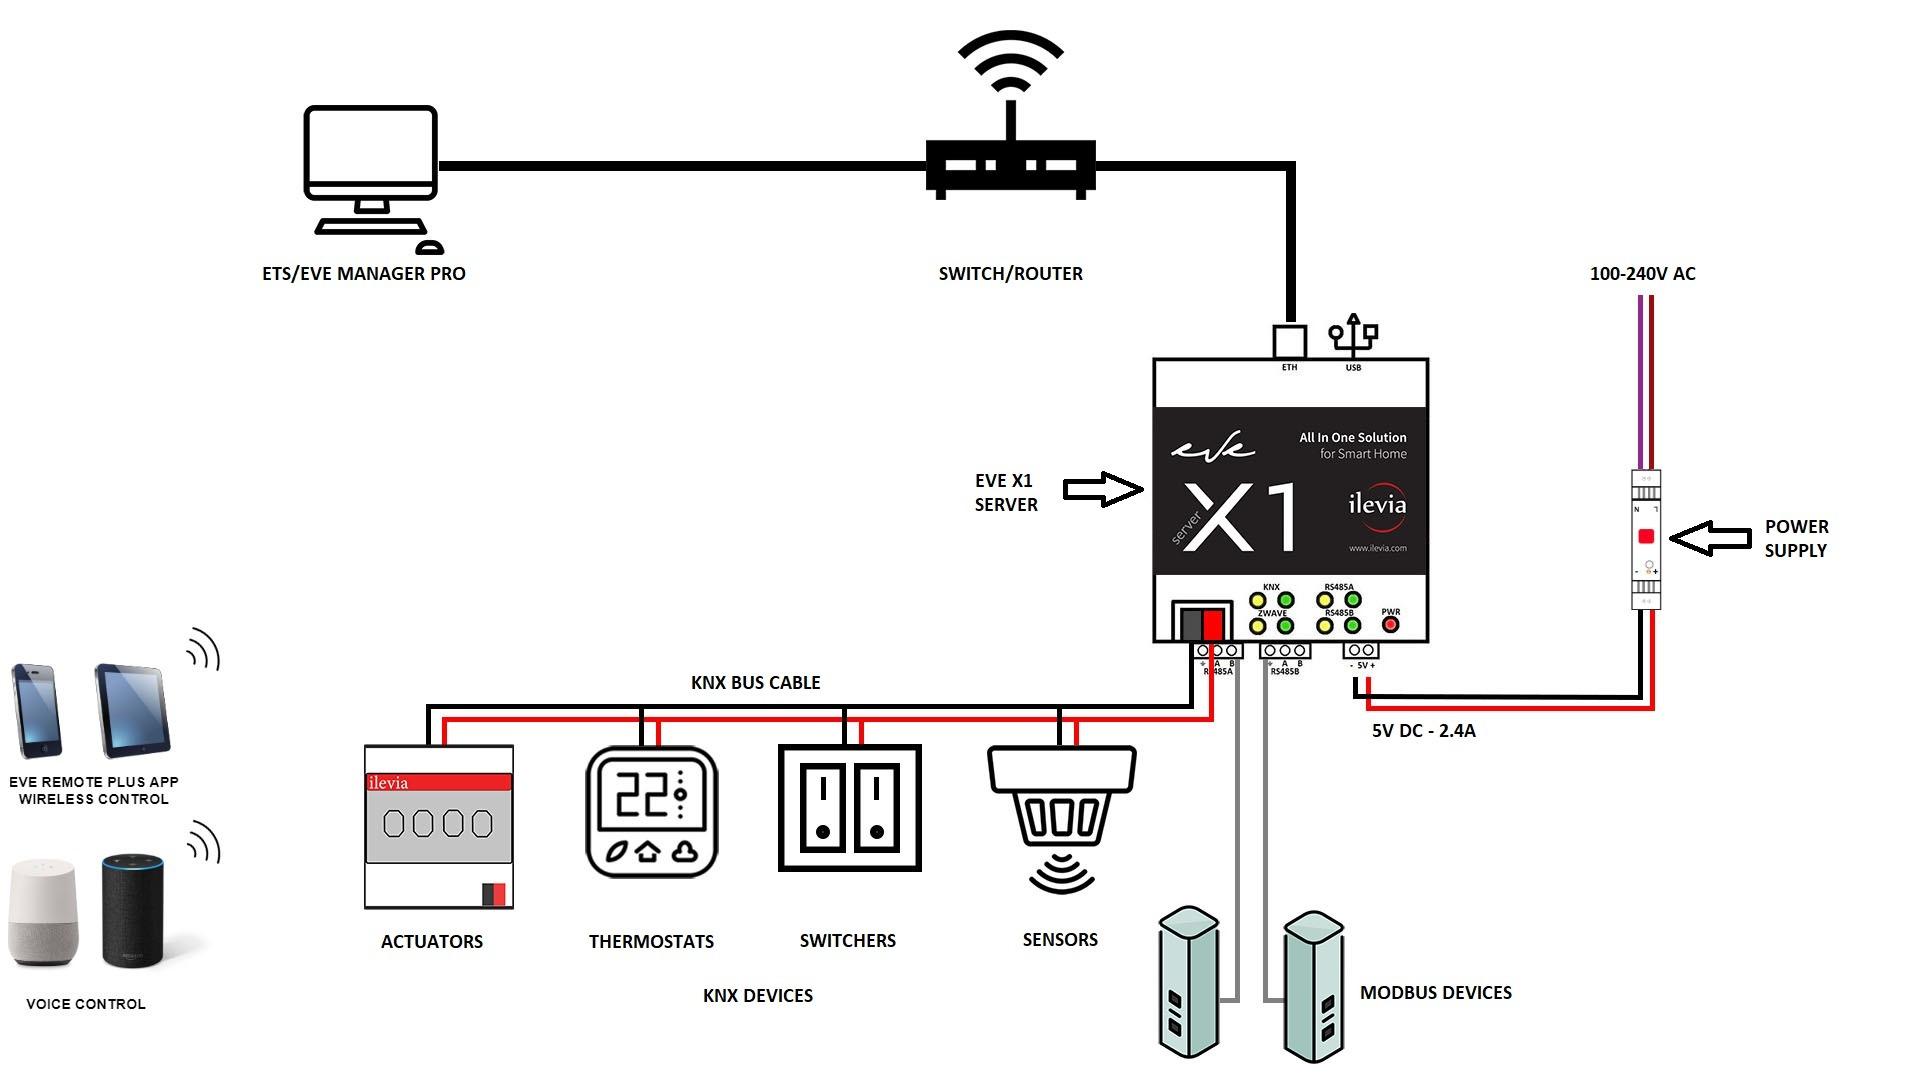 Come il server per il controllo della domotica EVE X1 all'interno di un impianto